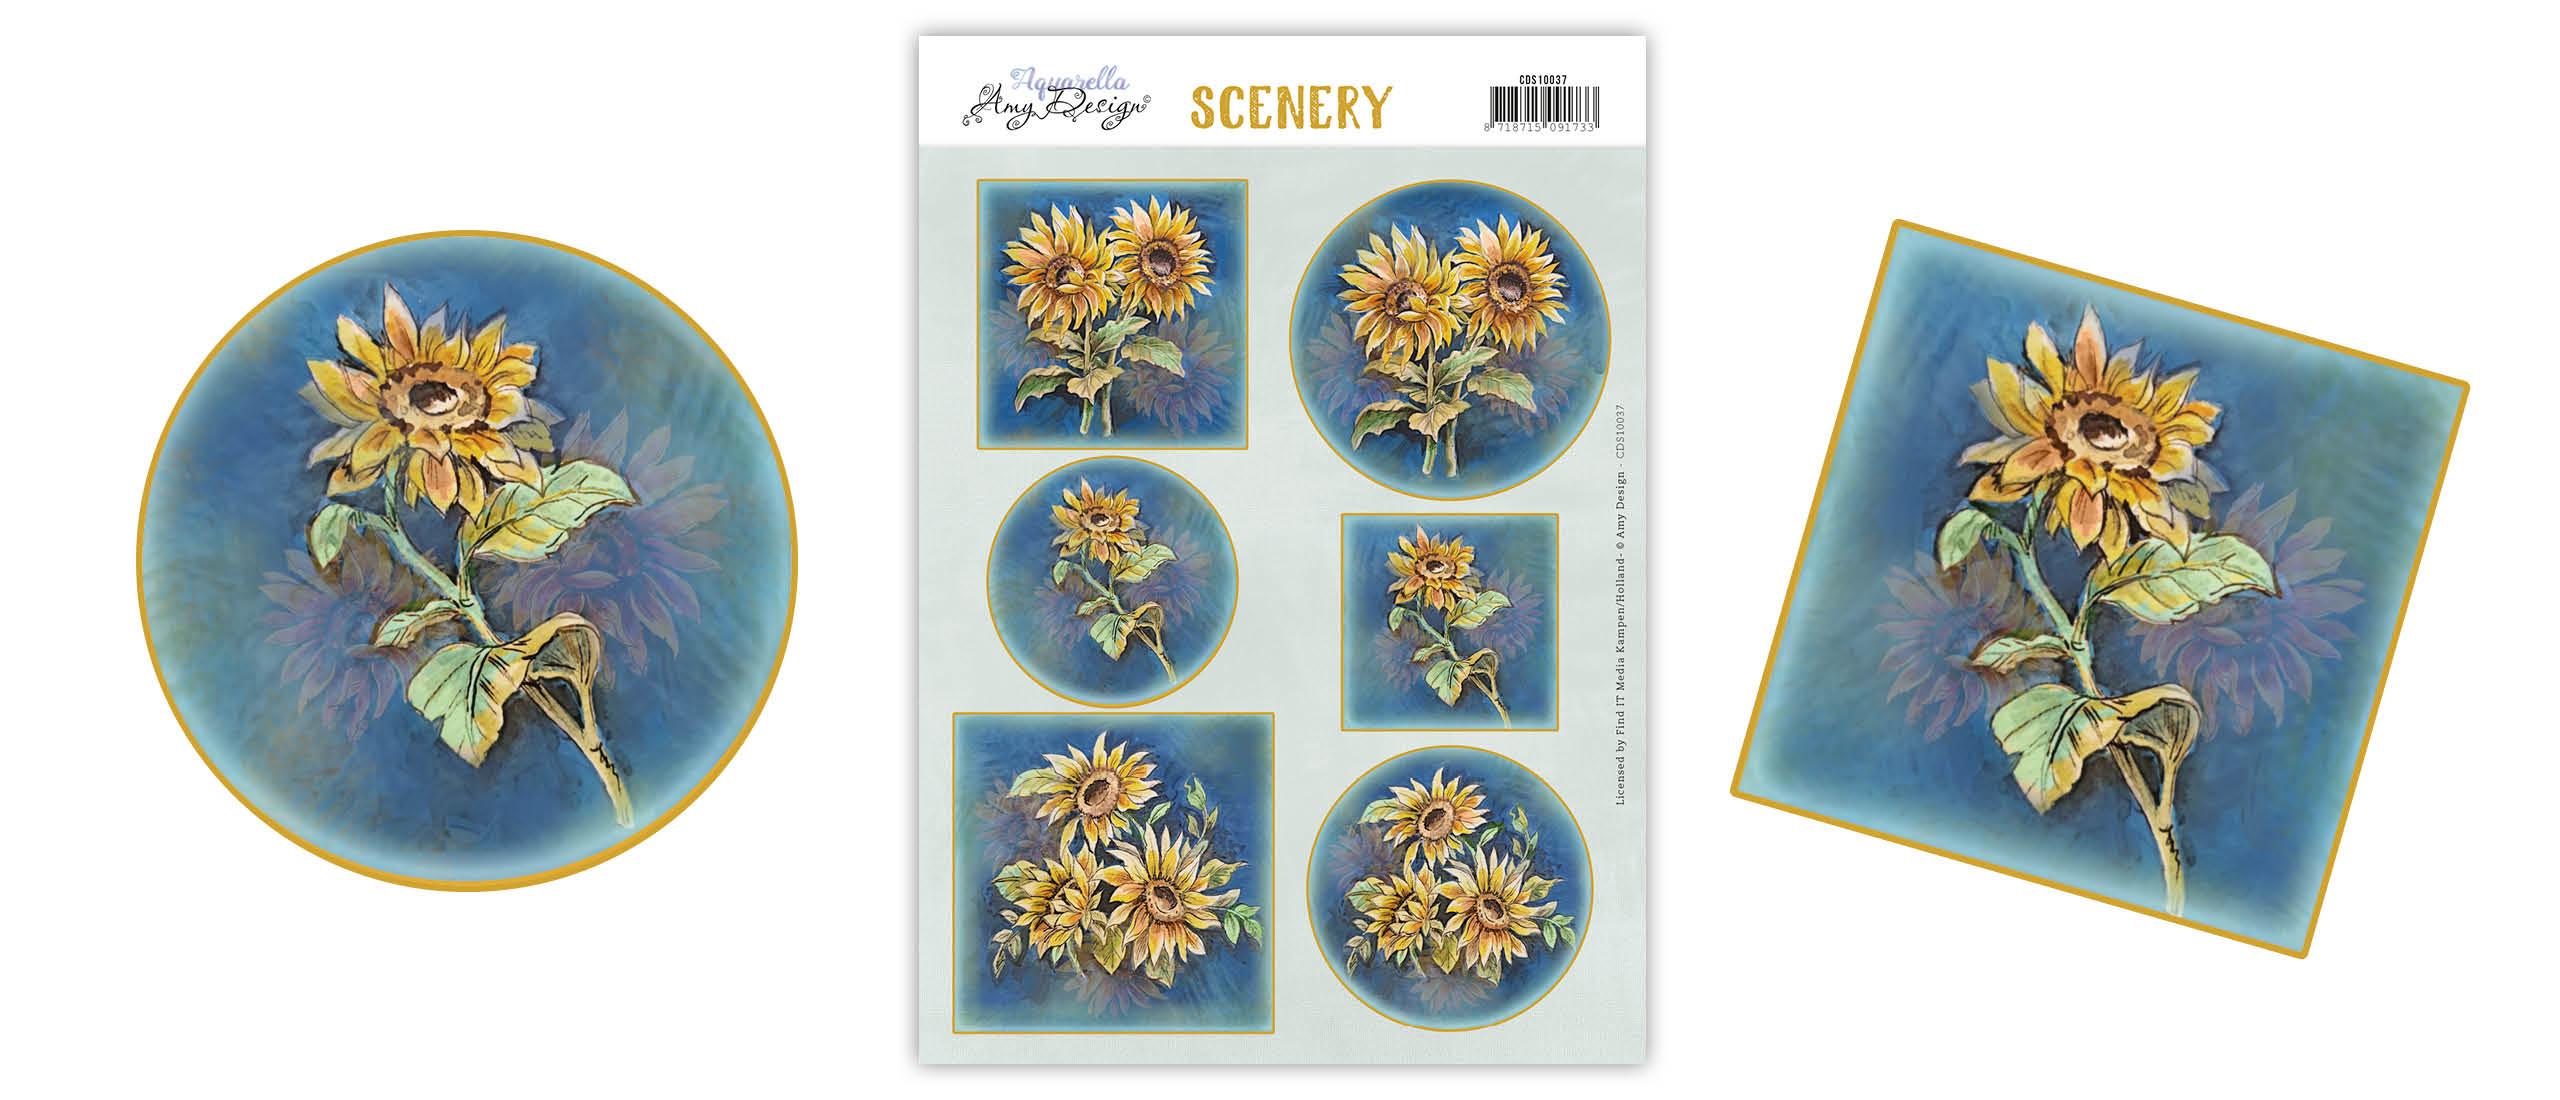 Scenery met zonnebloemen van Amy Design